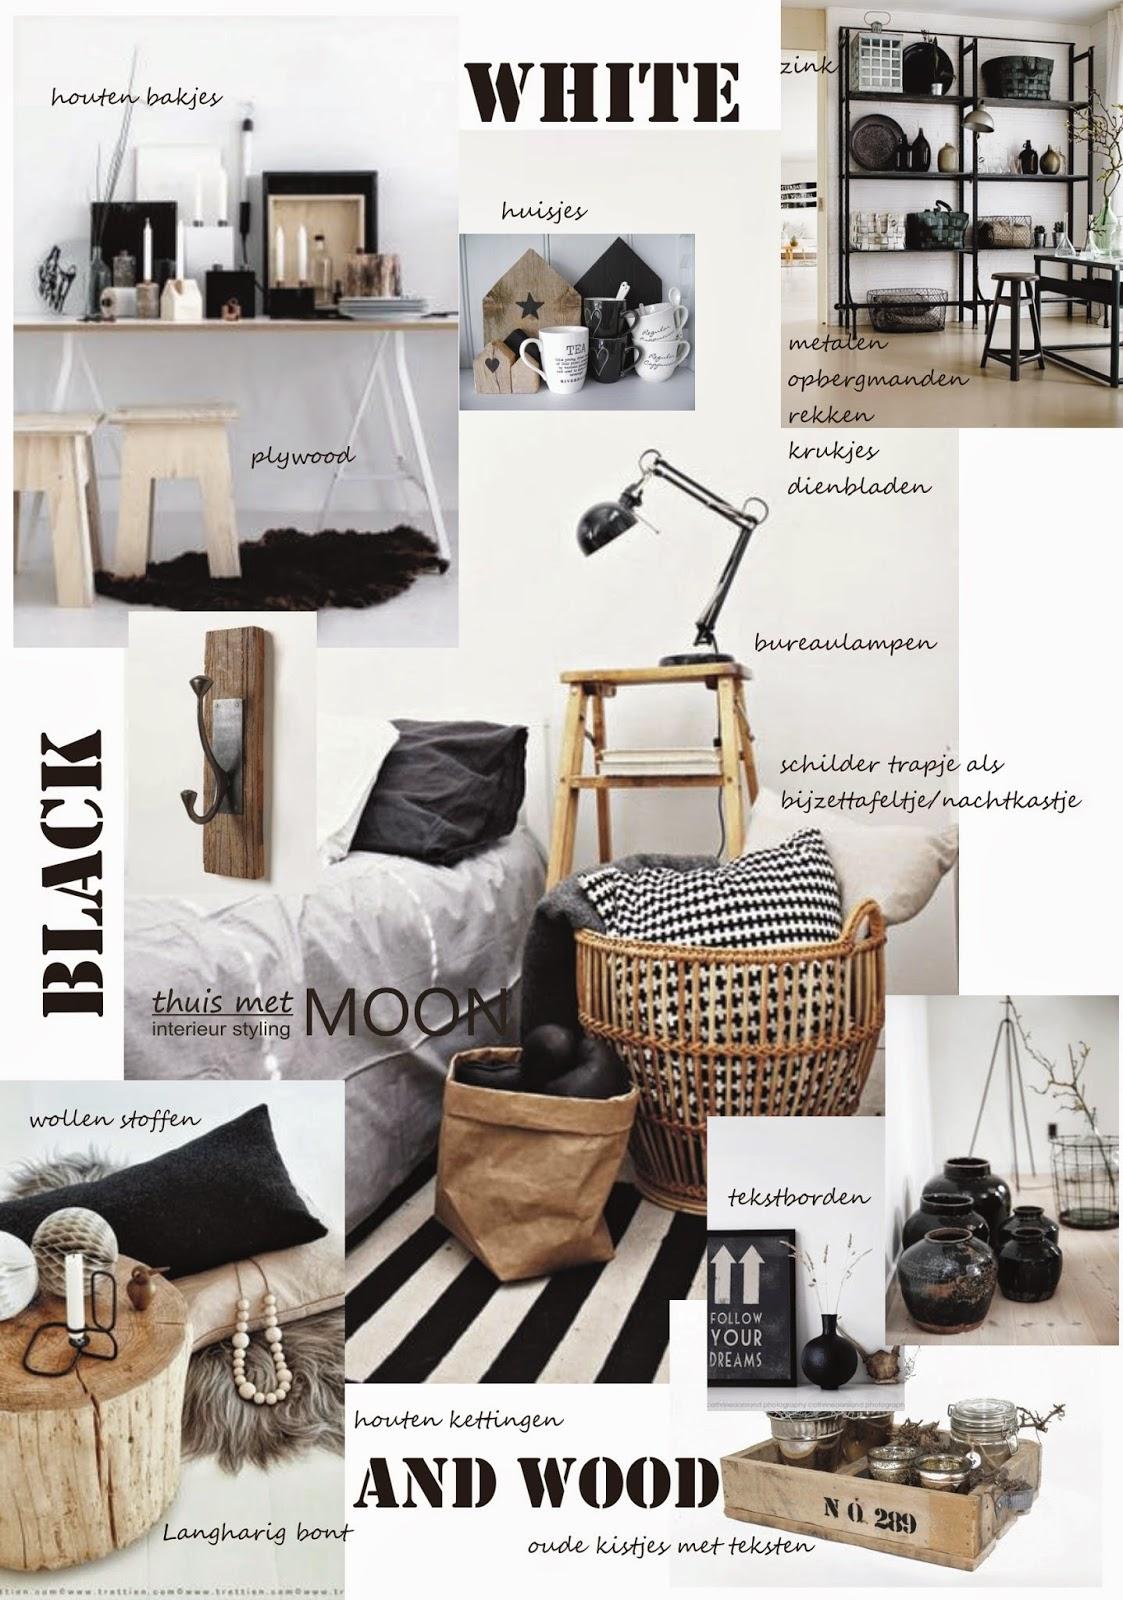 omdat de combinatie zwart wit nogal hard over kan komen is hout het ideale materiaal om wat extra warmte aan te brengen